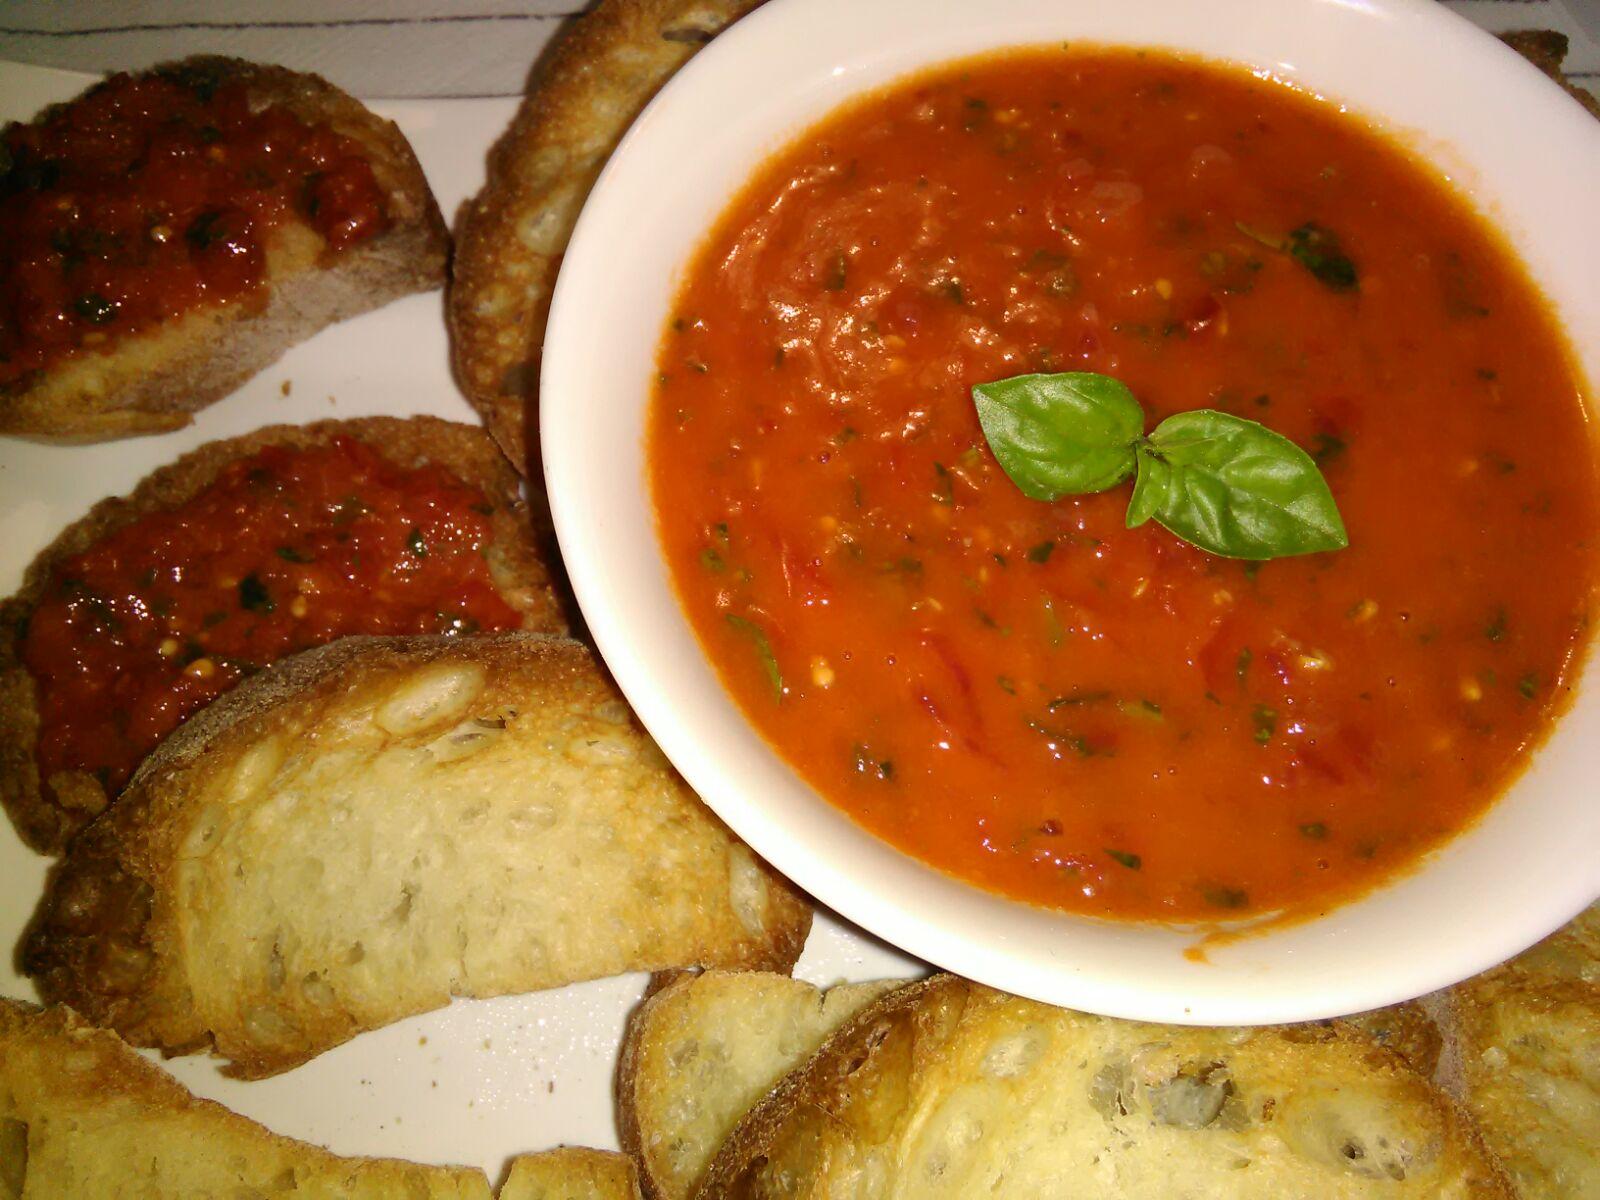 Salsa cruda di pomodoro e basilico per bruschette